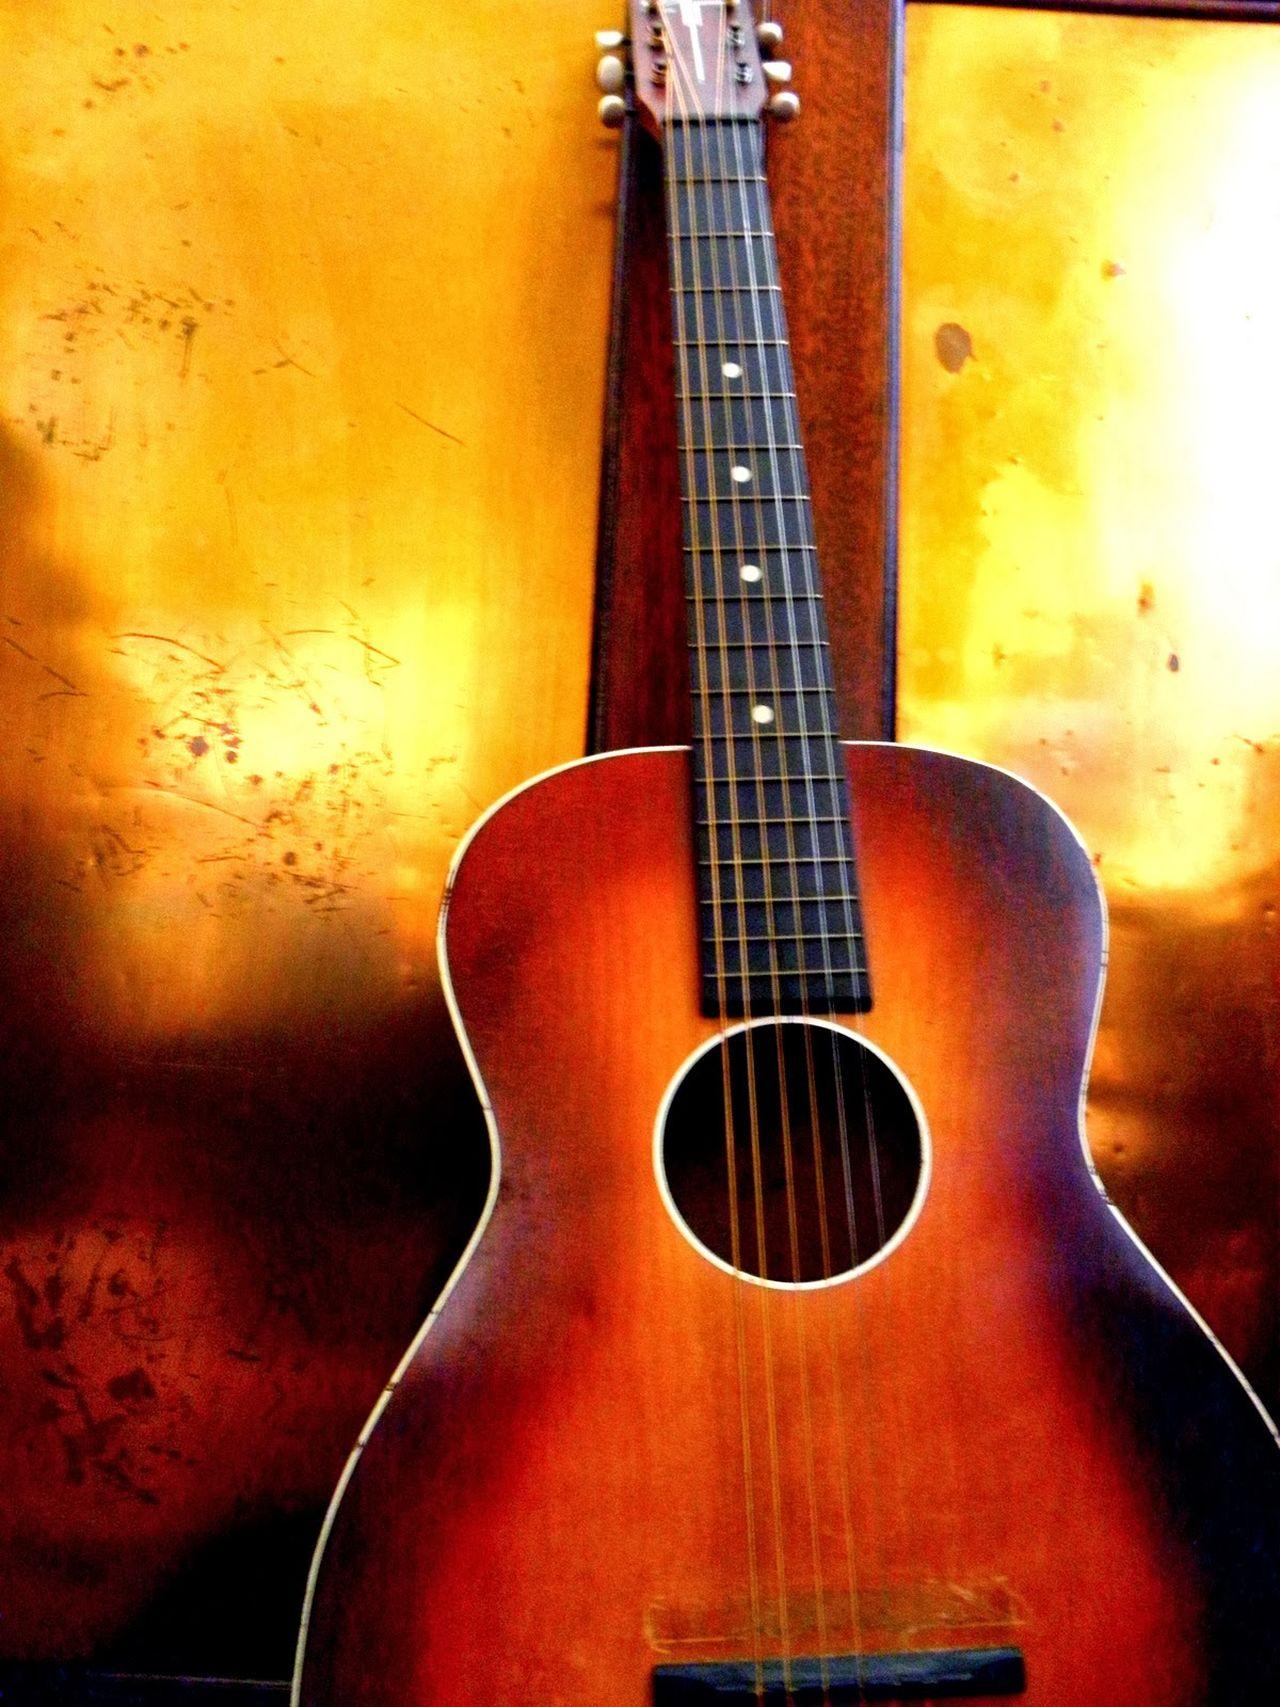 Warm Colors Guitar Acoustic Guitar Silvertone Vintage Musician Music